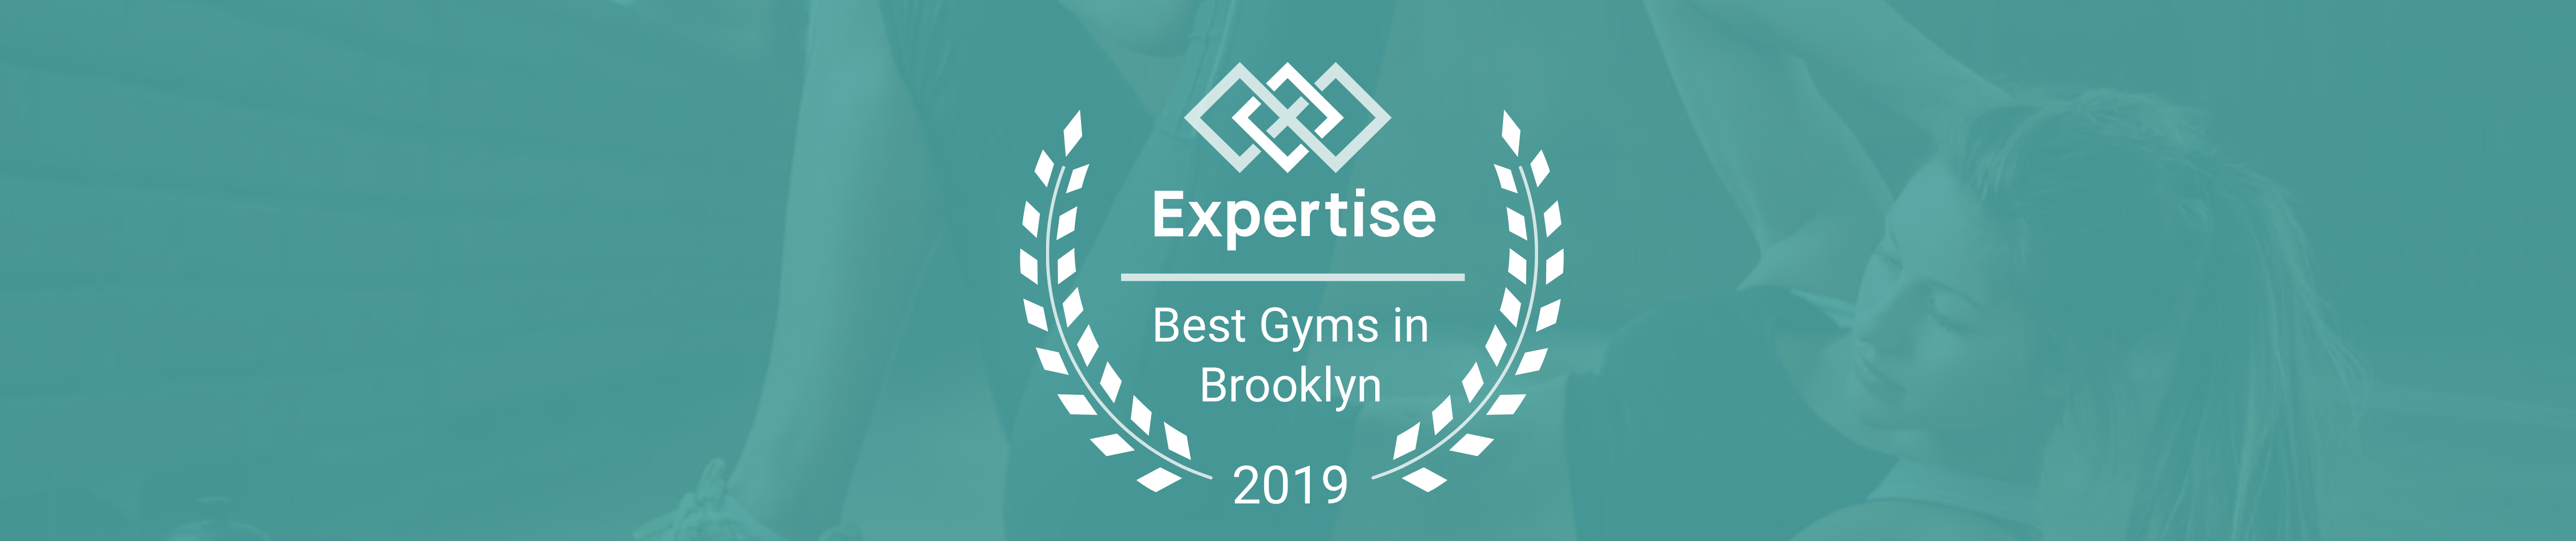 Best Gyms in Brooklyn 2019